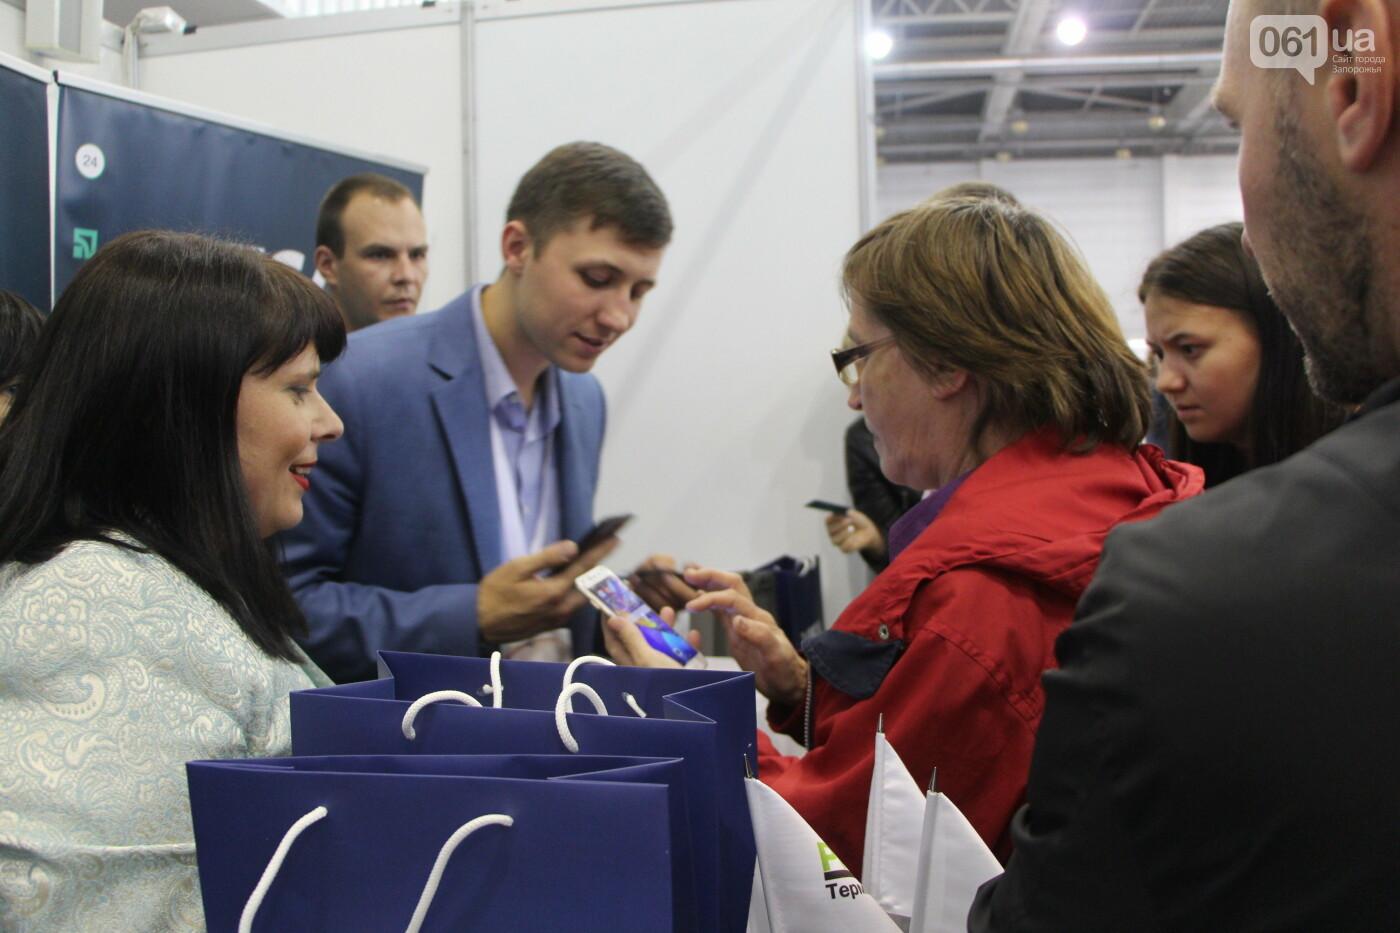 ПриватБанк презентовал свои услуги для фрилансеров и IT-специалистов на International IT Forum 2019, фото-15